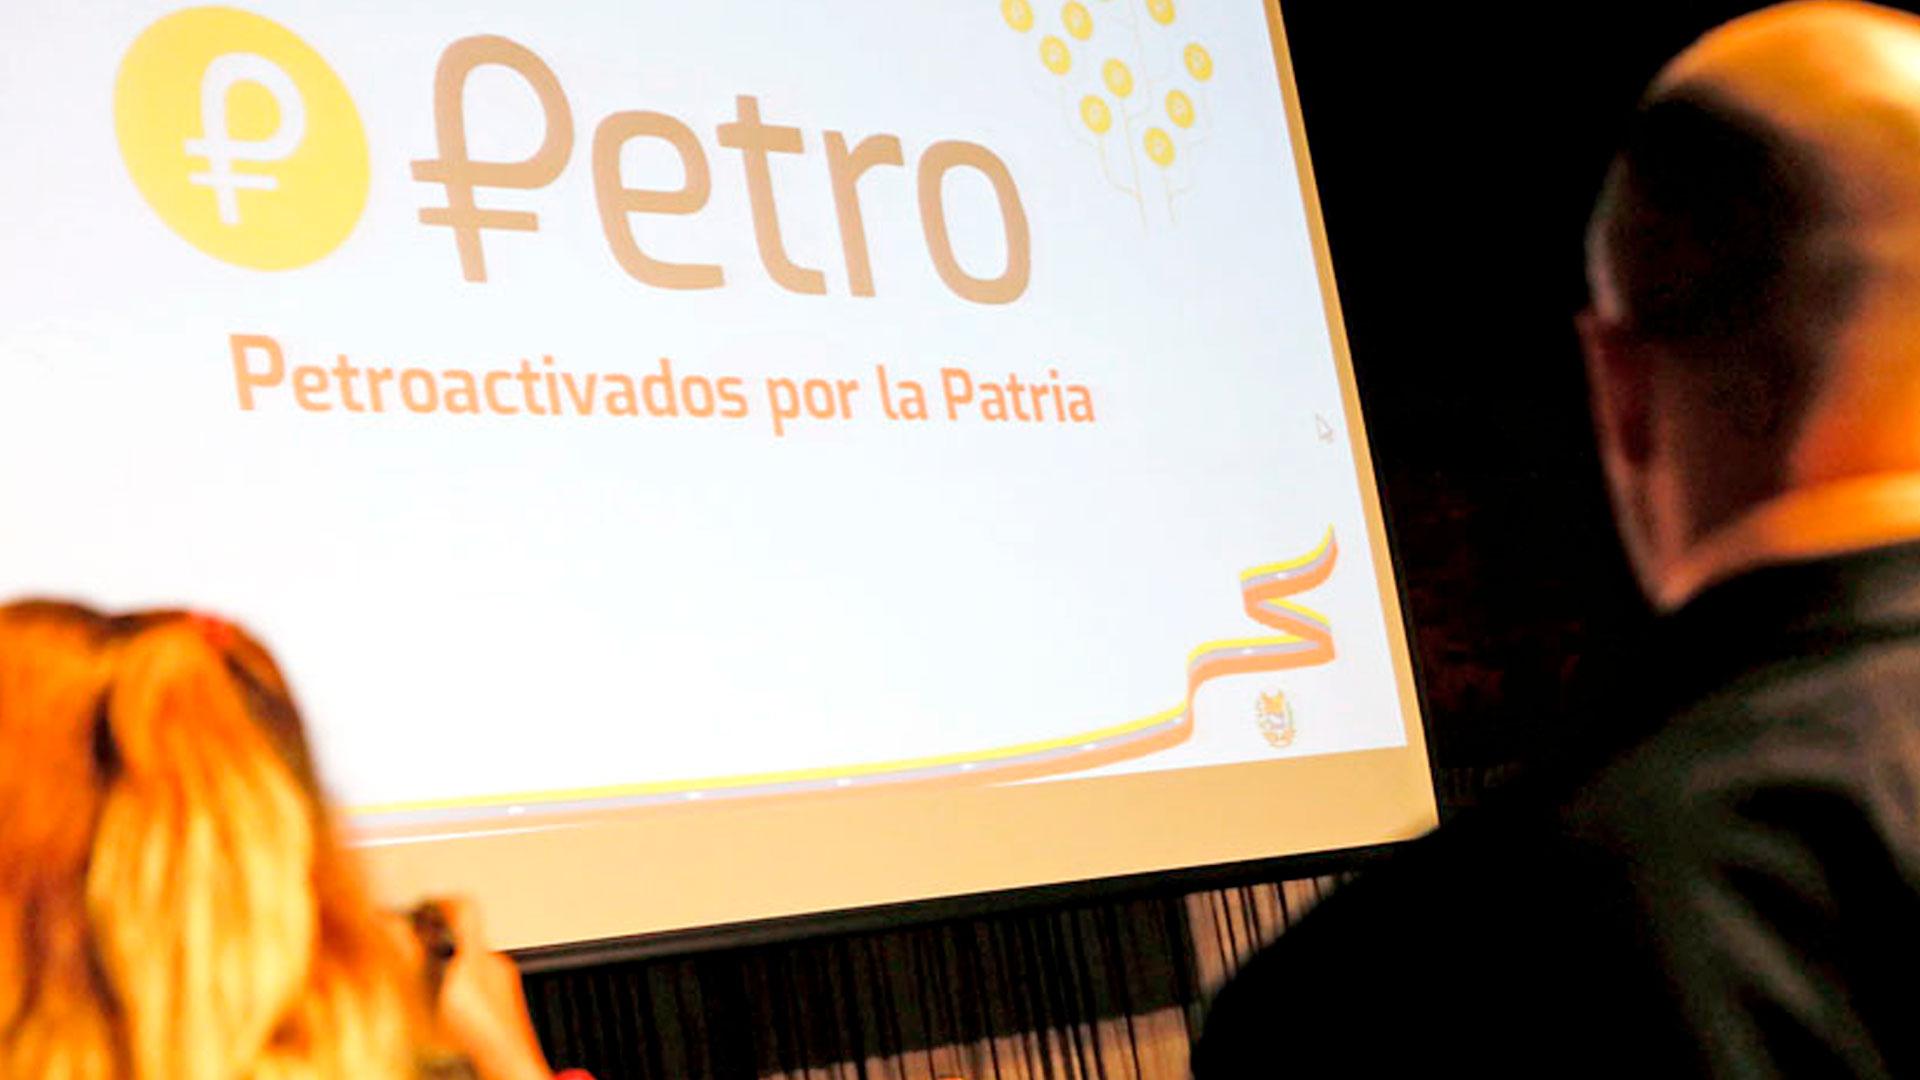 Desde el 1 de octubre el Petro será moneda de cambio comercial en todo el territorio nacional